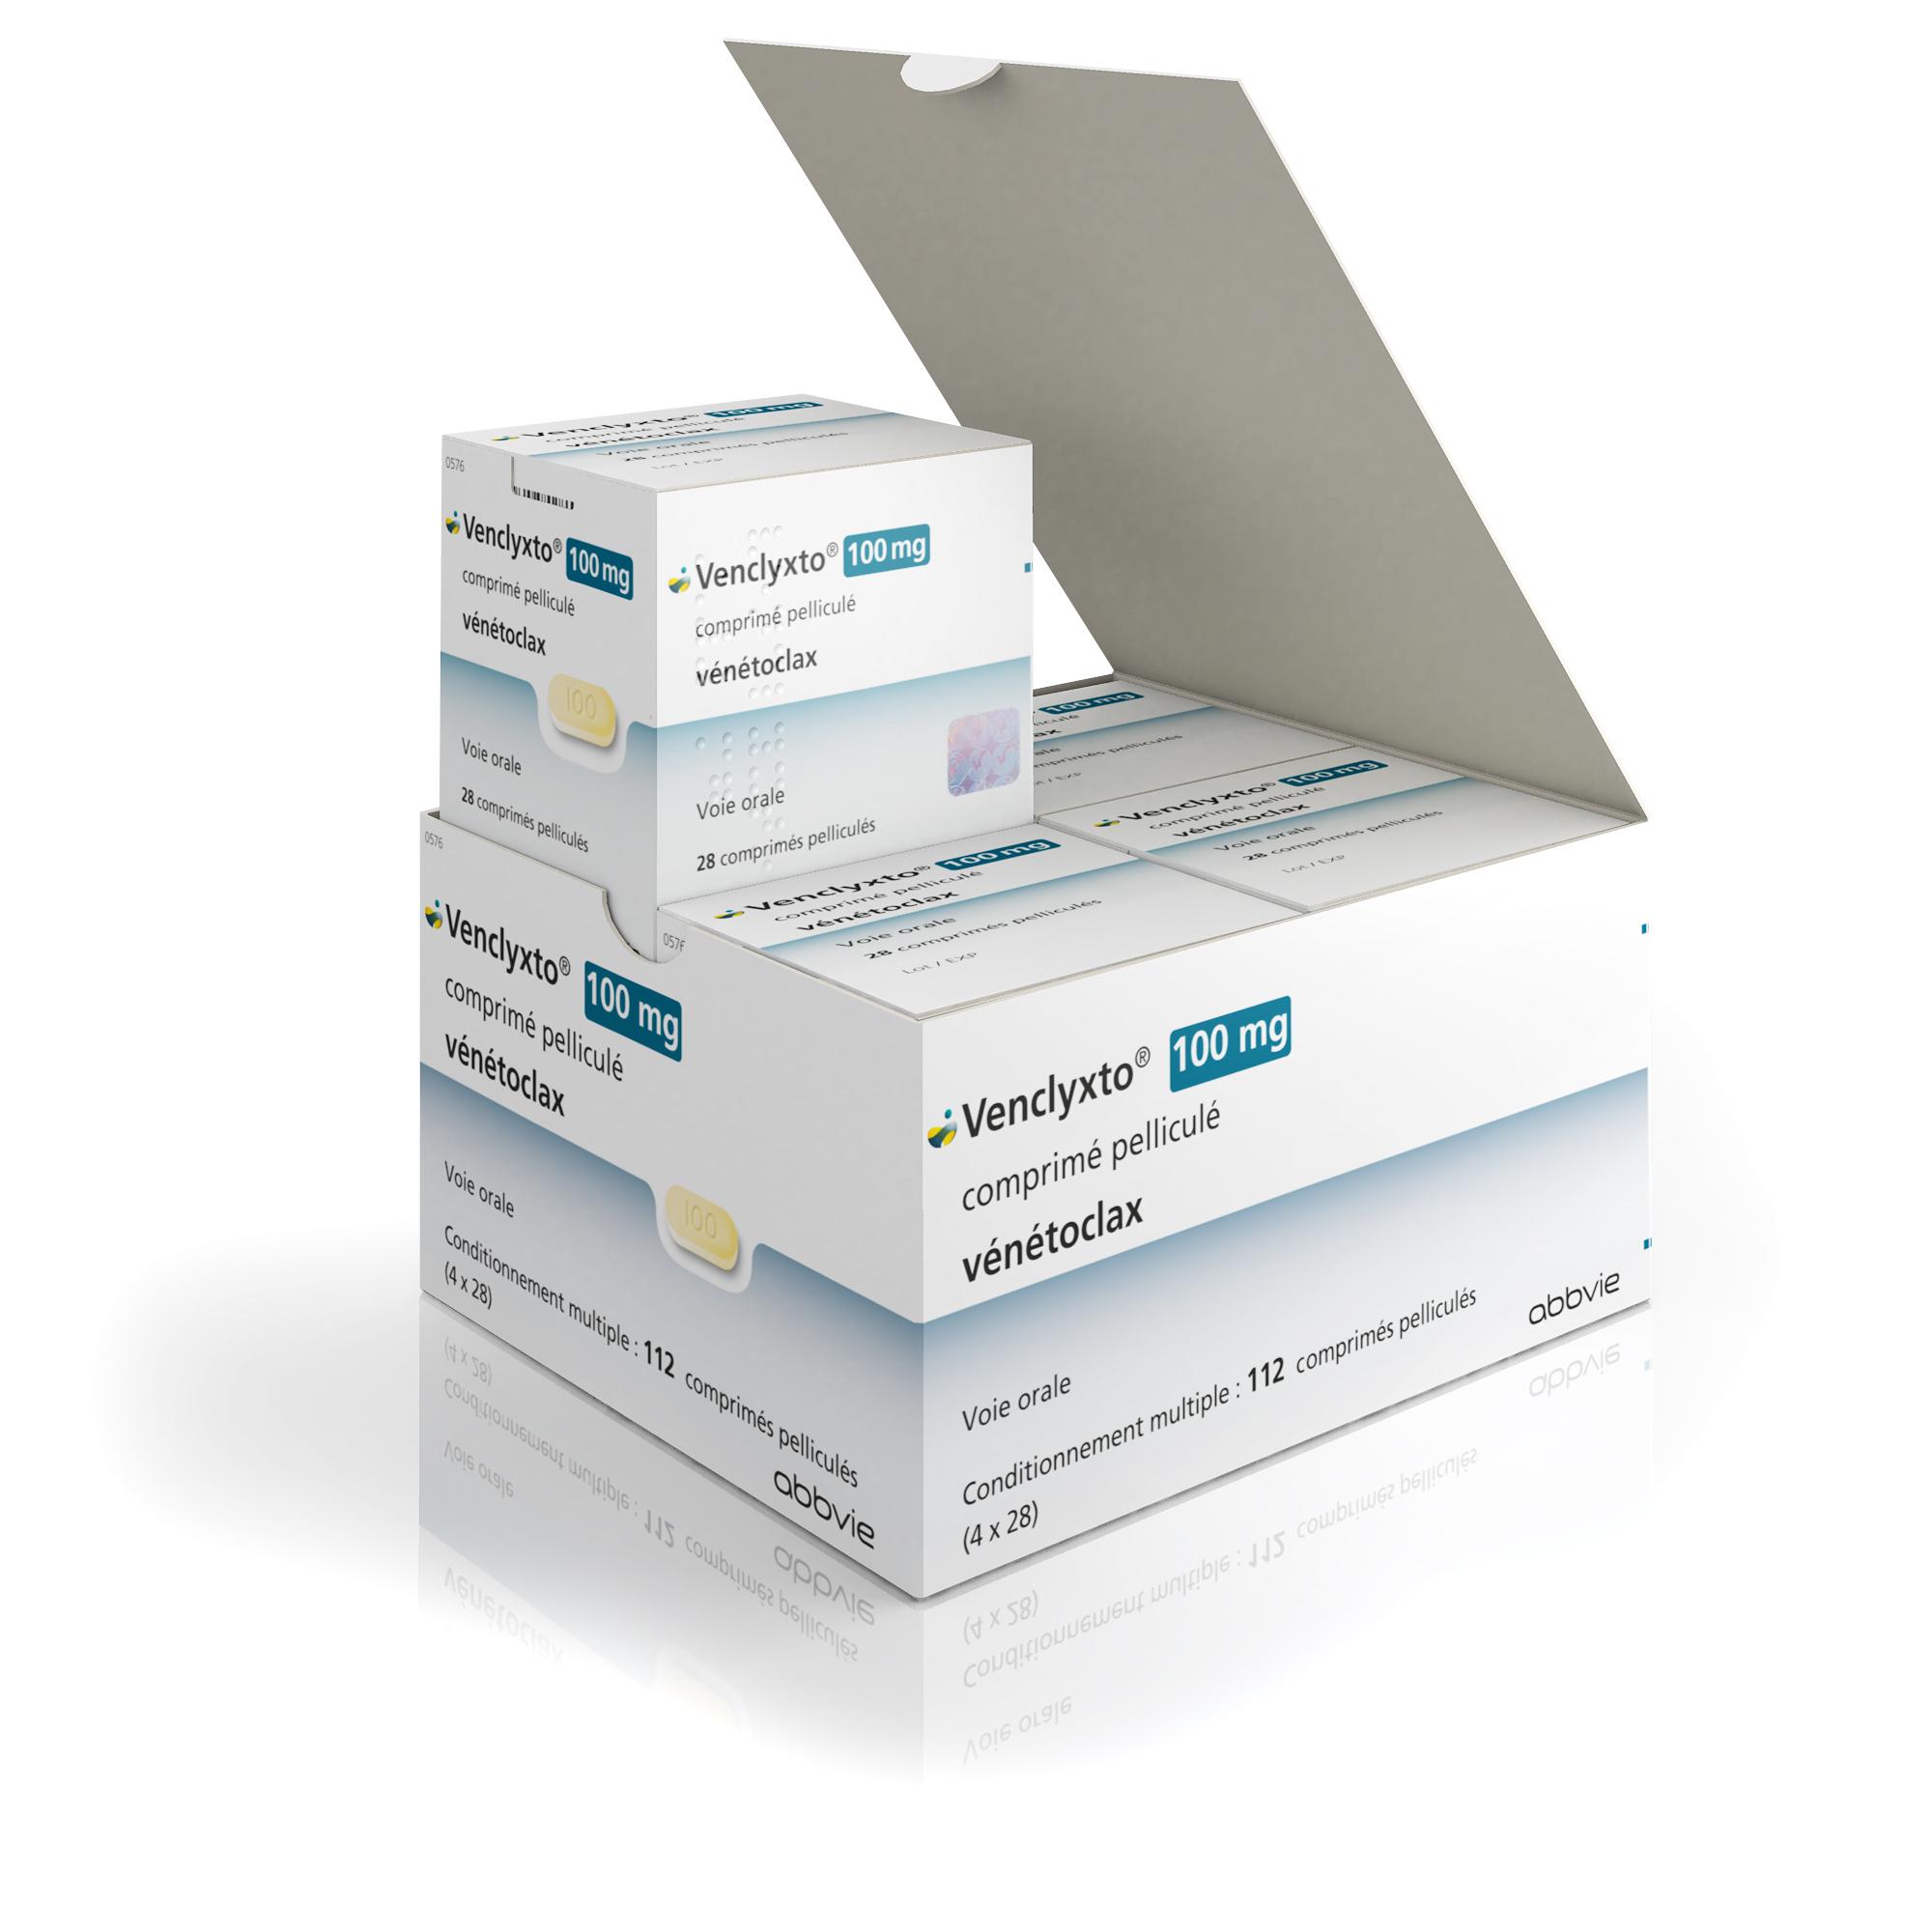 Image VENCLYXTO 100 mg Cpr pell Plq/112 (4x28)